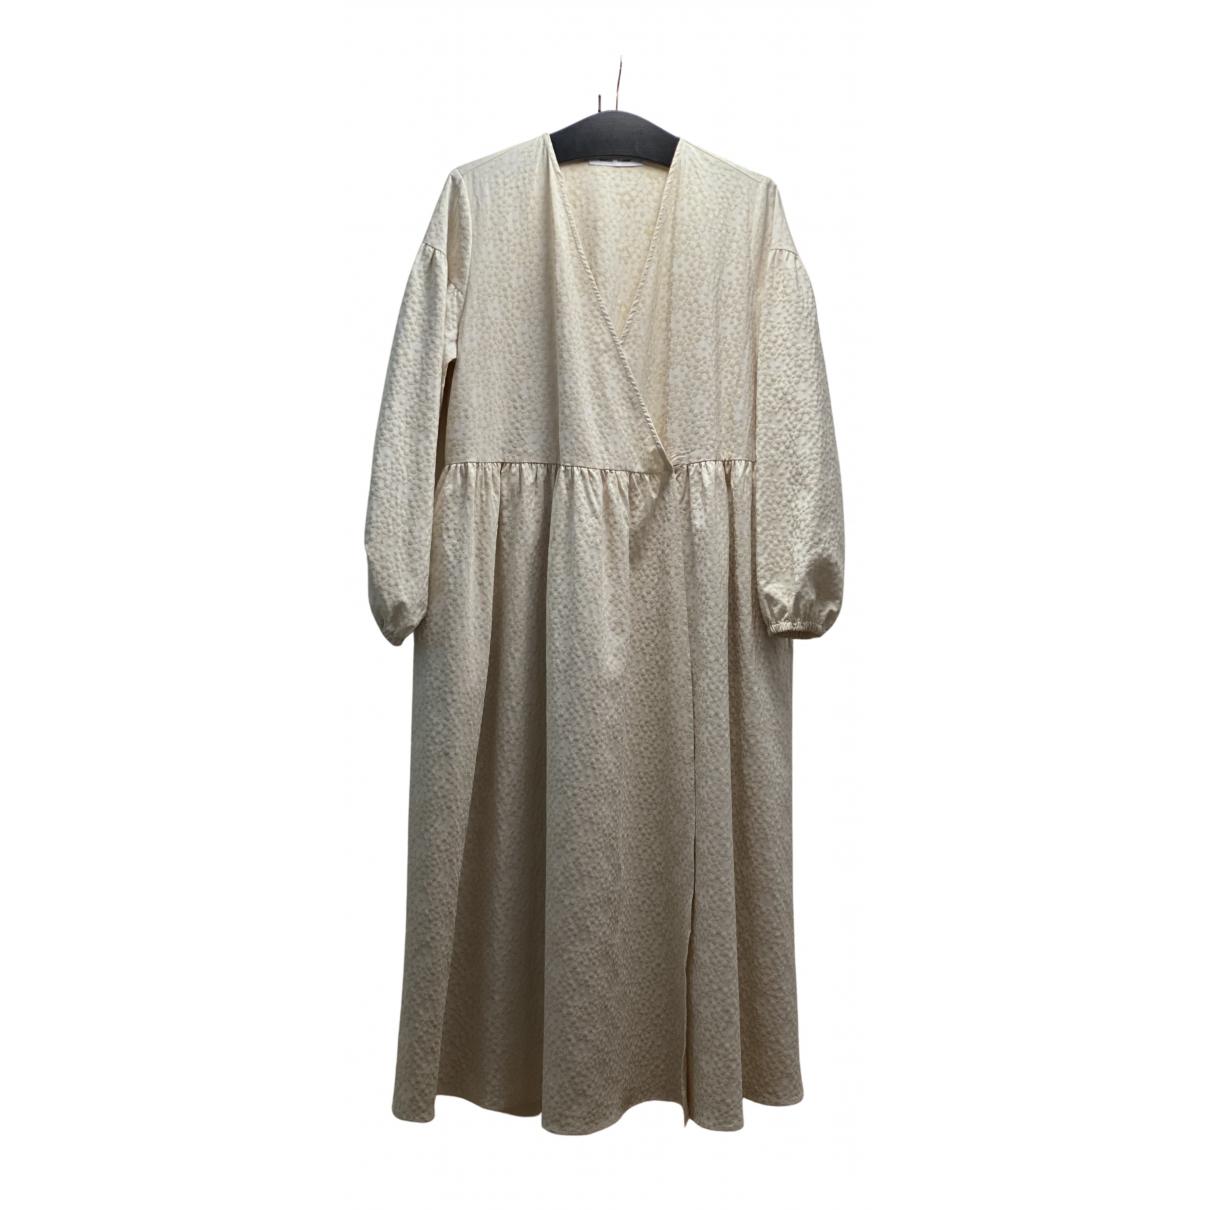 Samsoe & Samsoe \N Kleid in  Beige Polyester